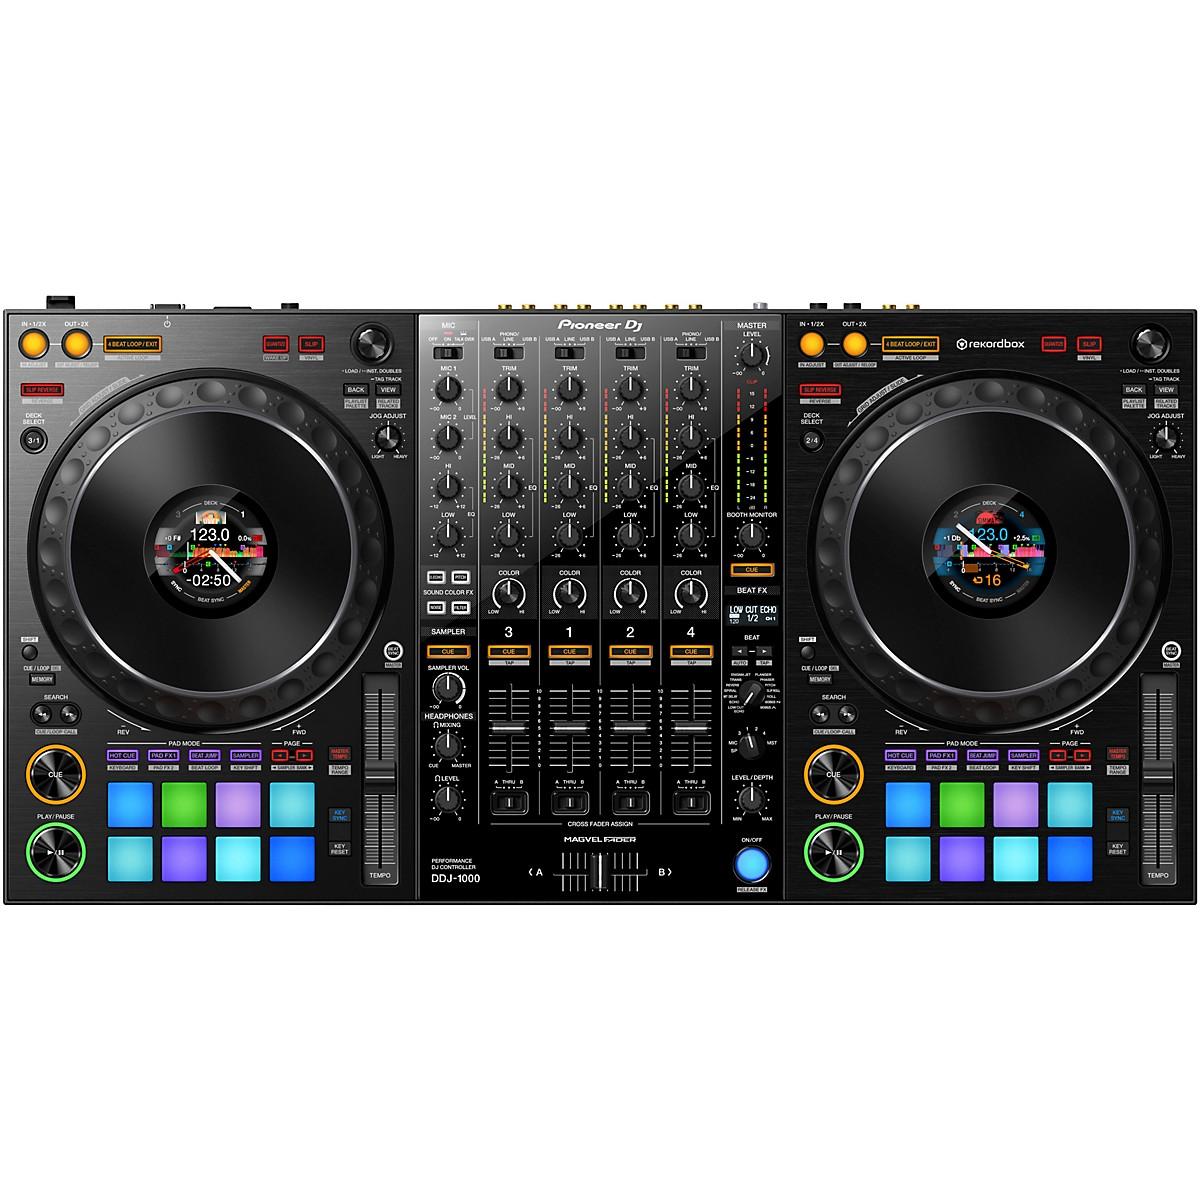 Pioneer DDJ-1000 Professional DJ Controller for rekordbox dj